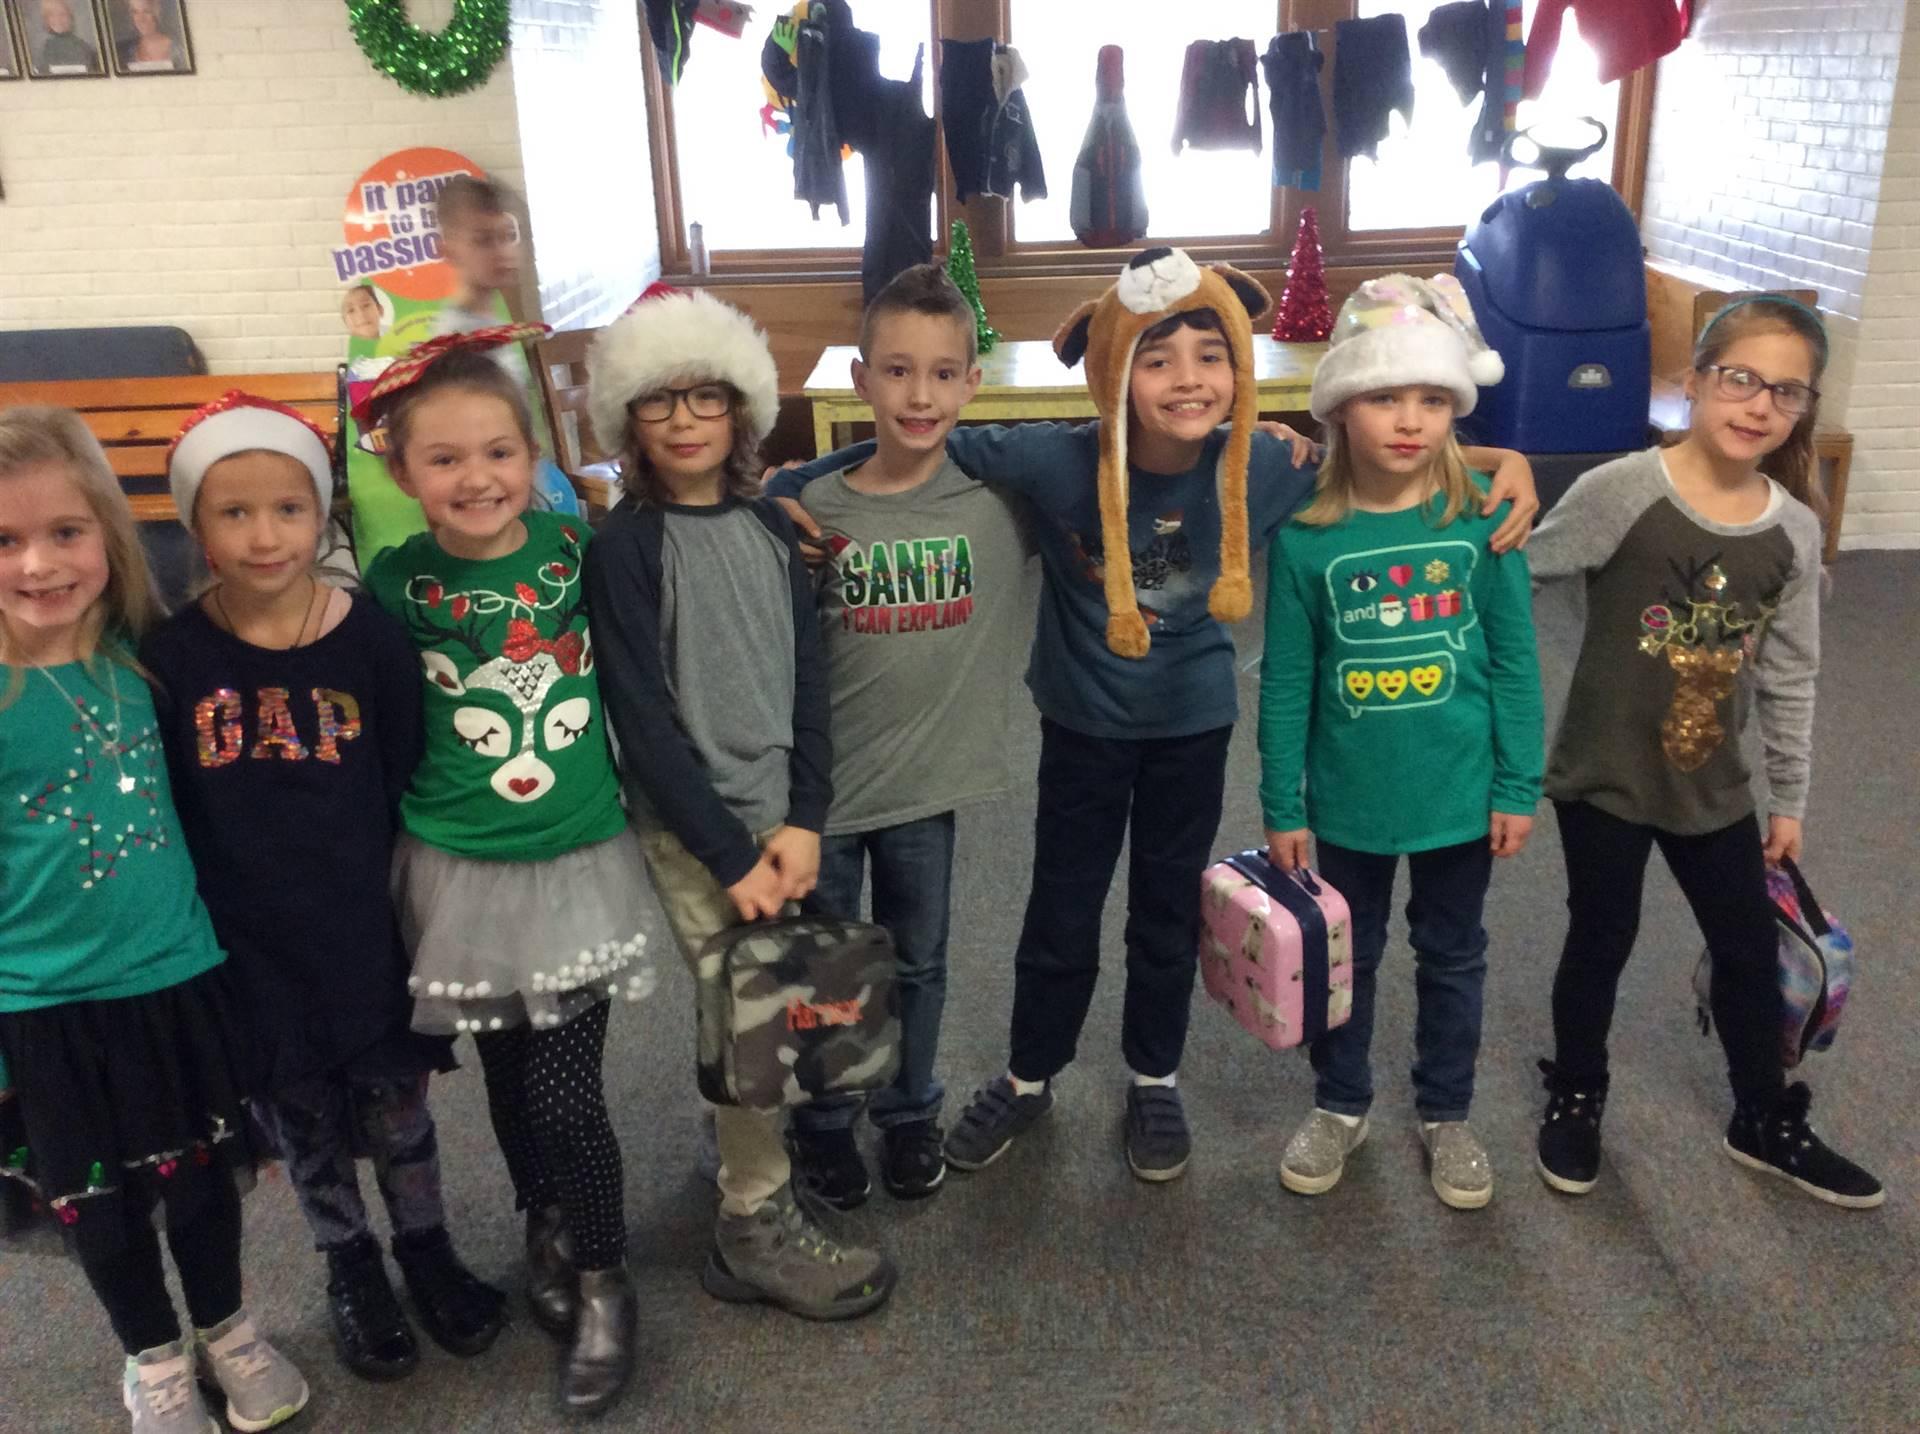 Holiday Hats, Socks, Shirts...